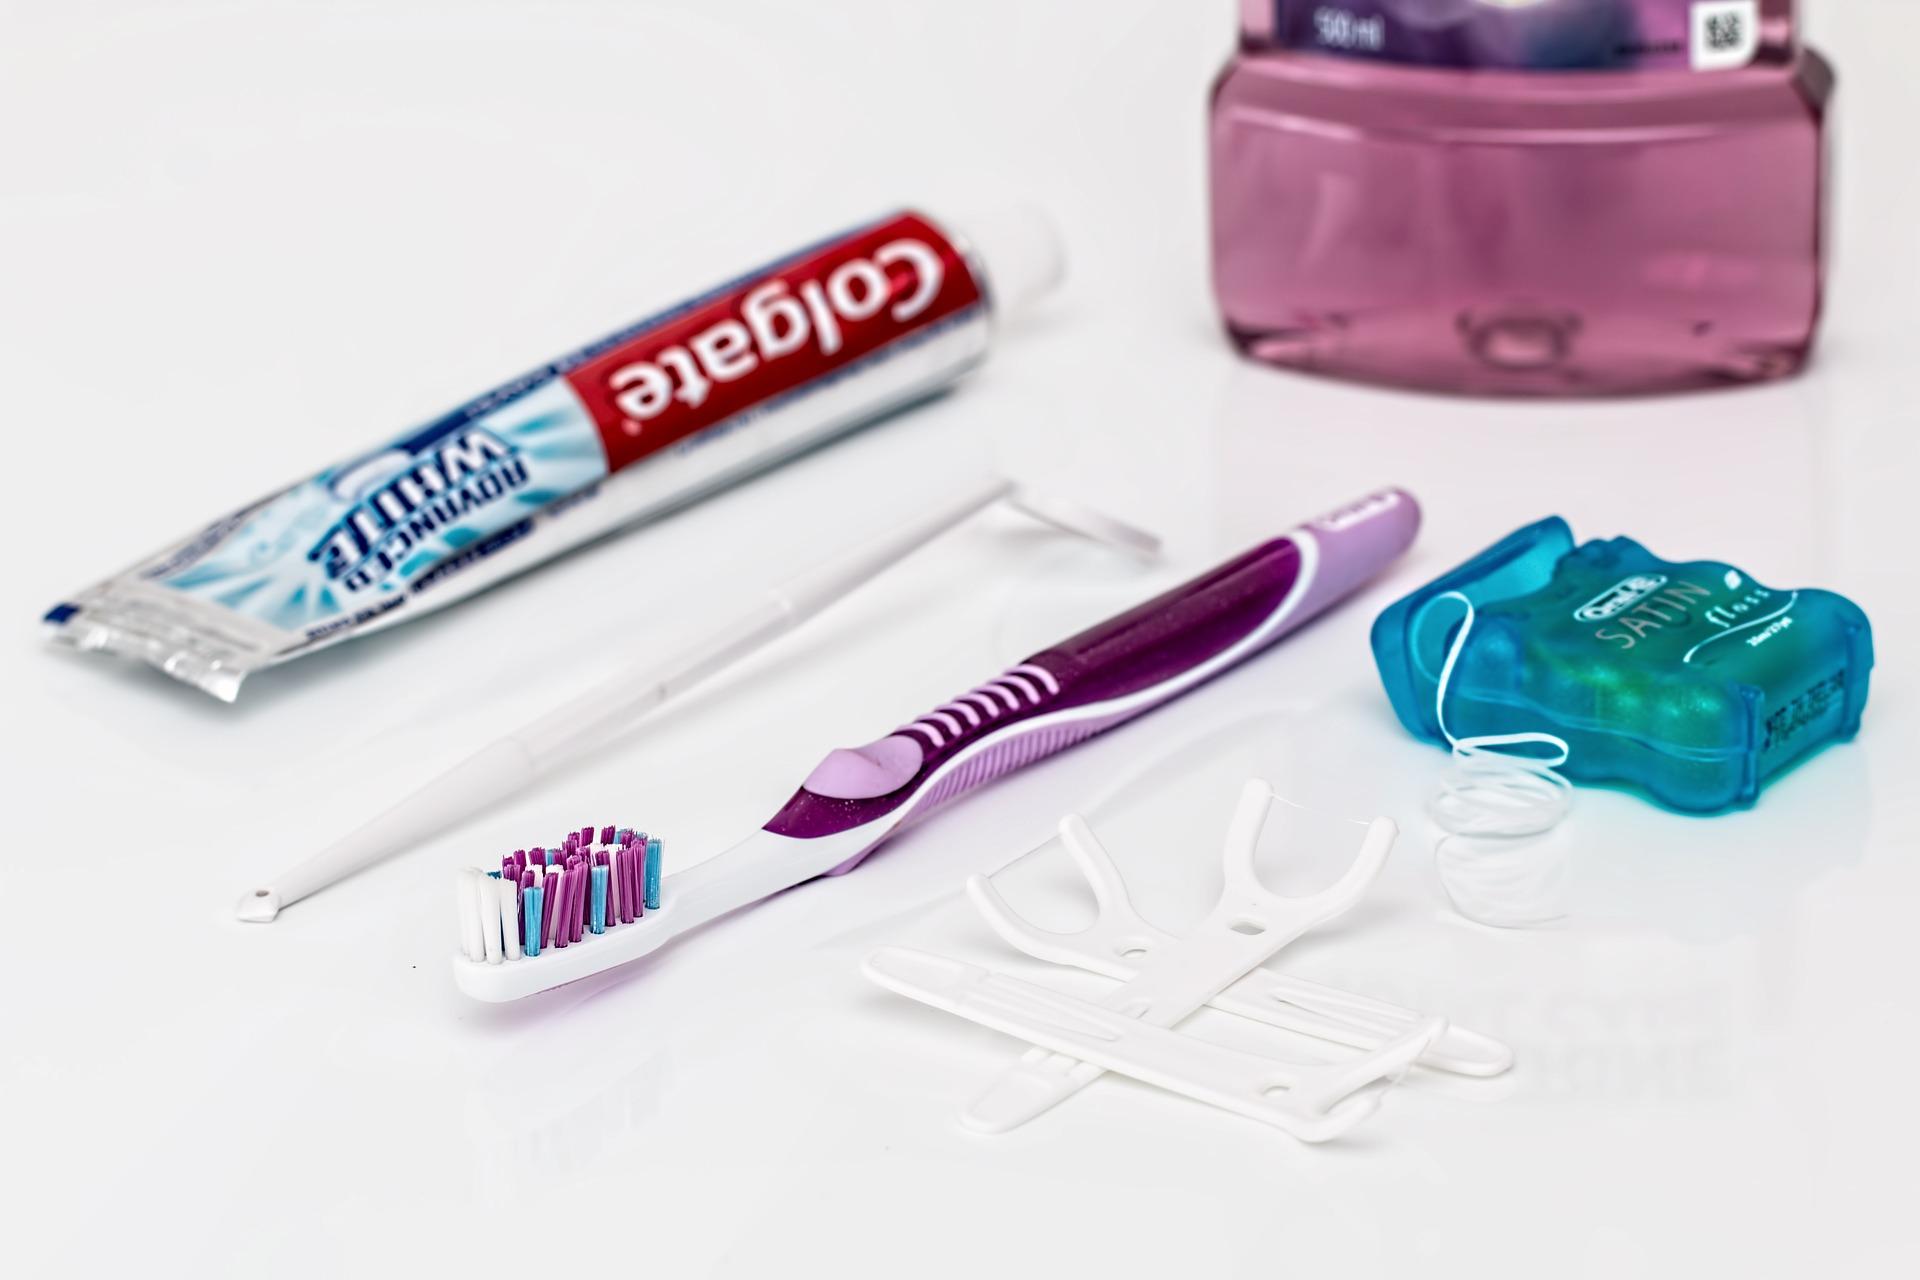 Tandsmykker hos Tandklinikken i Sundhedshuset - ledende tandlæge i Randers